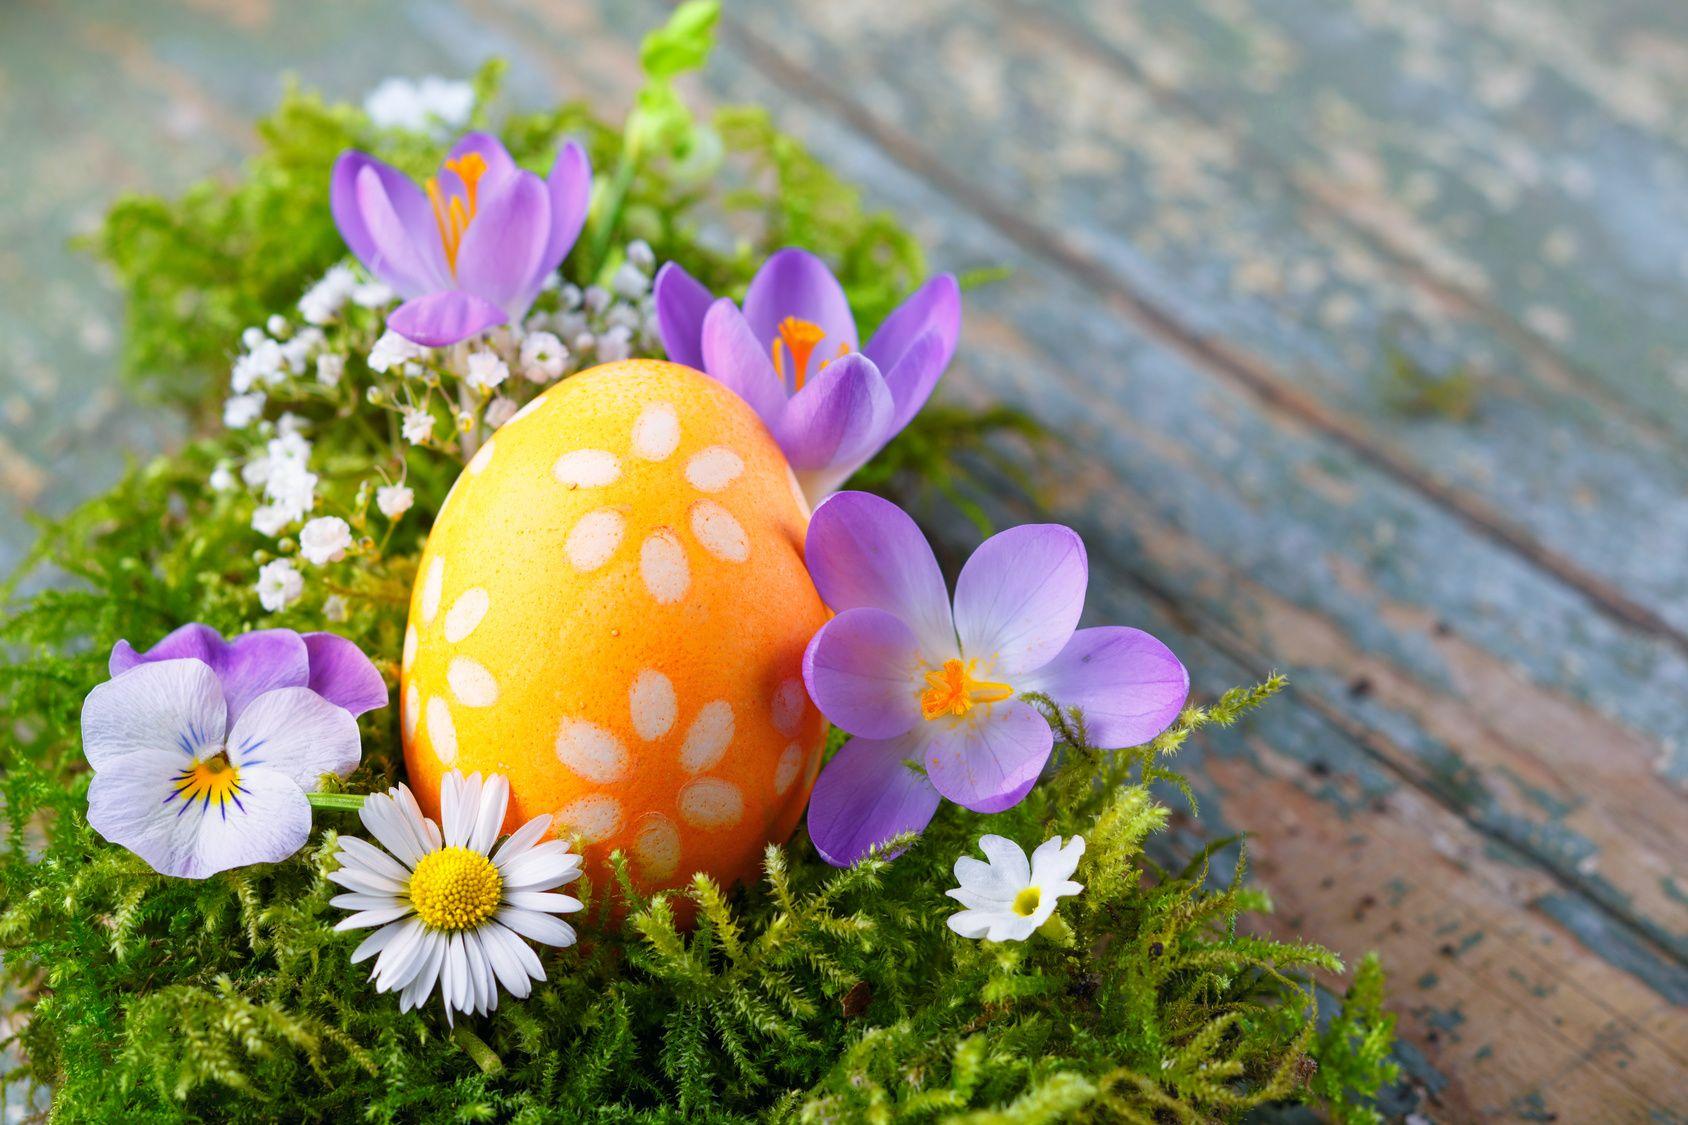 Nainen laittaa partavaahtoa ja väriainetta kananmuniin – tuloksena syntyy nättejä pääsiäismunia